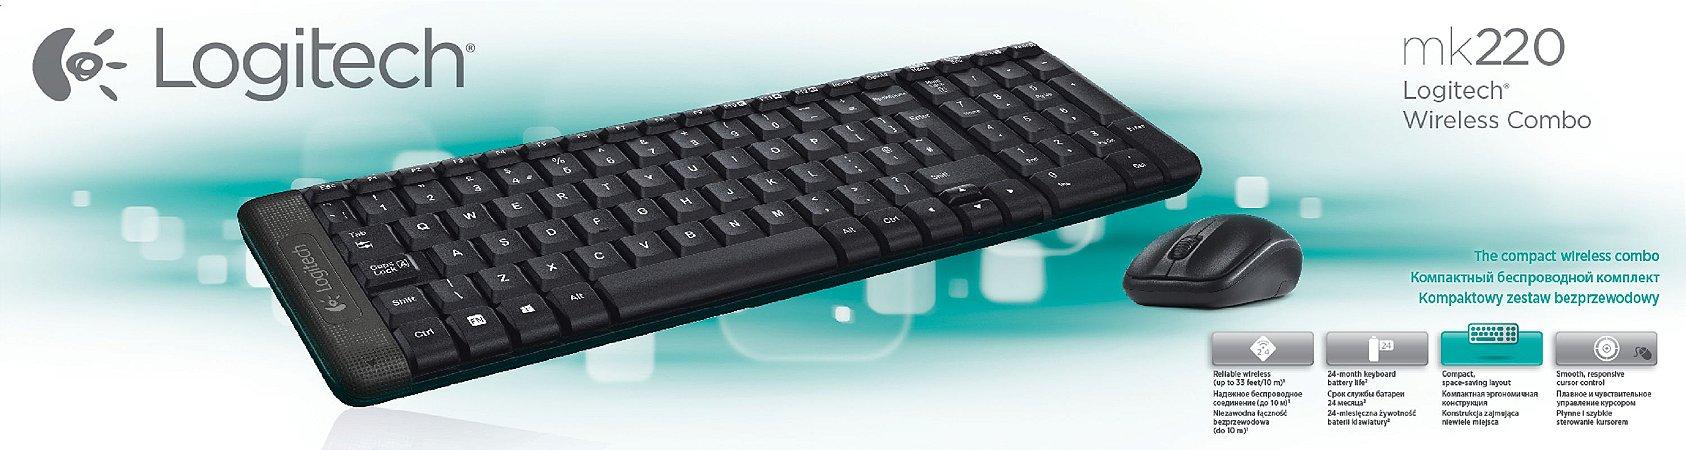 Kit Teclado e Mouse WIRELESS LOGITECH MK220 (920-004431)